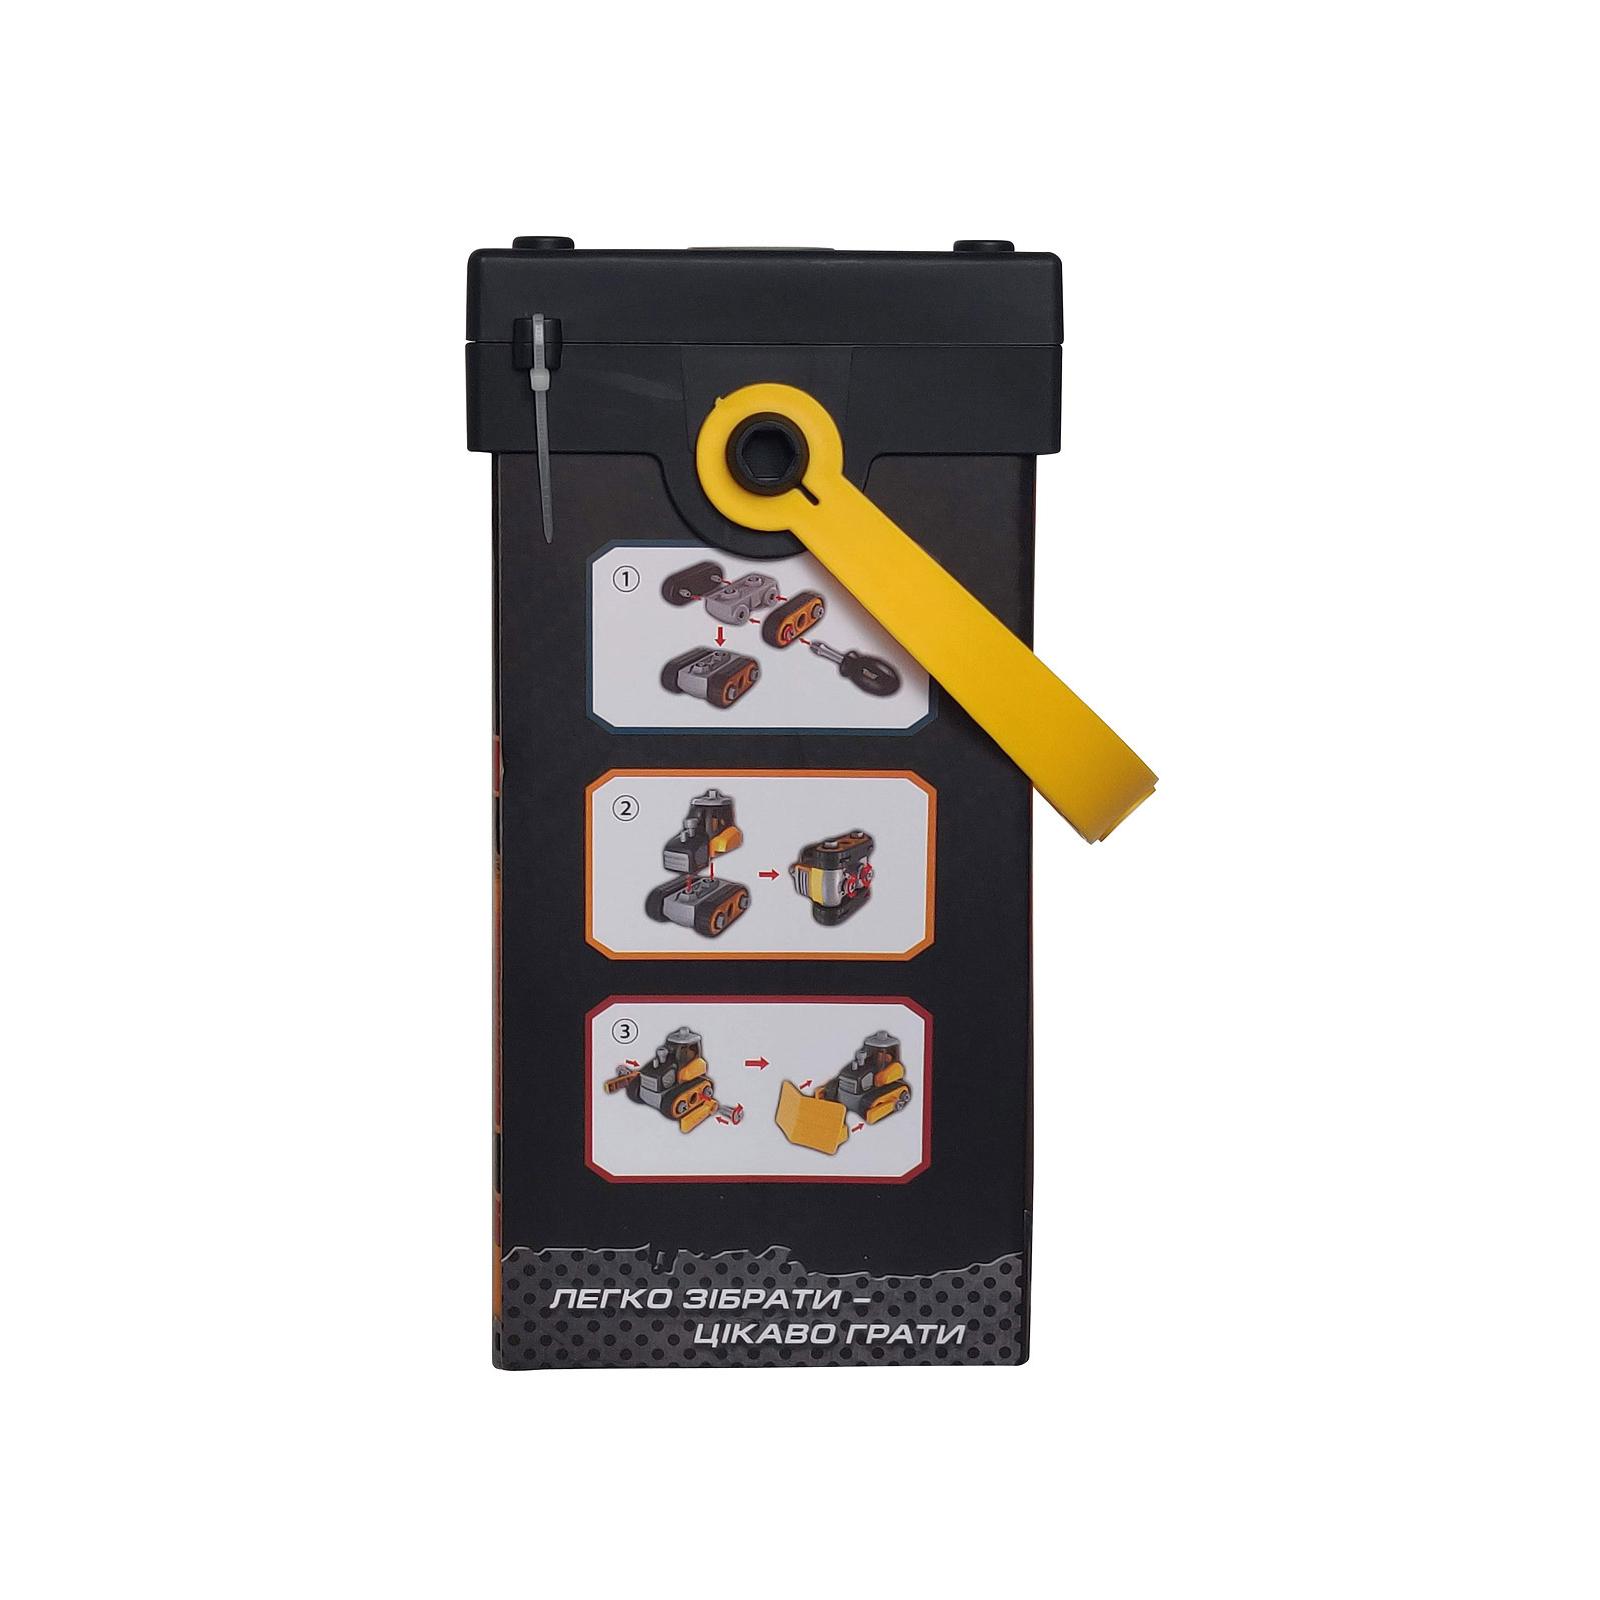 Конструктор Microlab Toys Строительная техника - снегоочиститель (MT8905) изображение 4